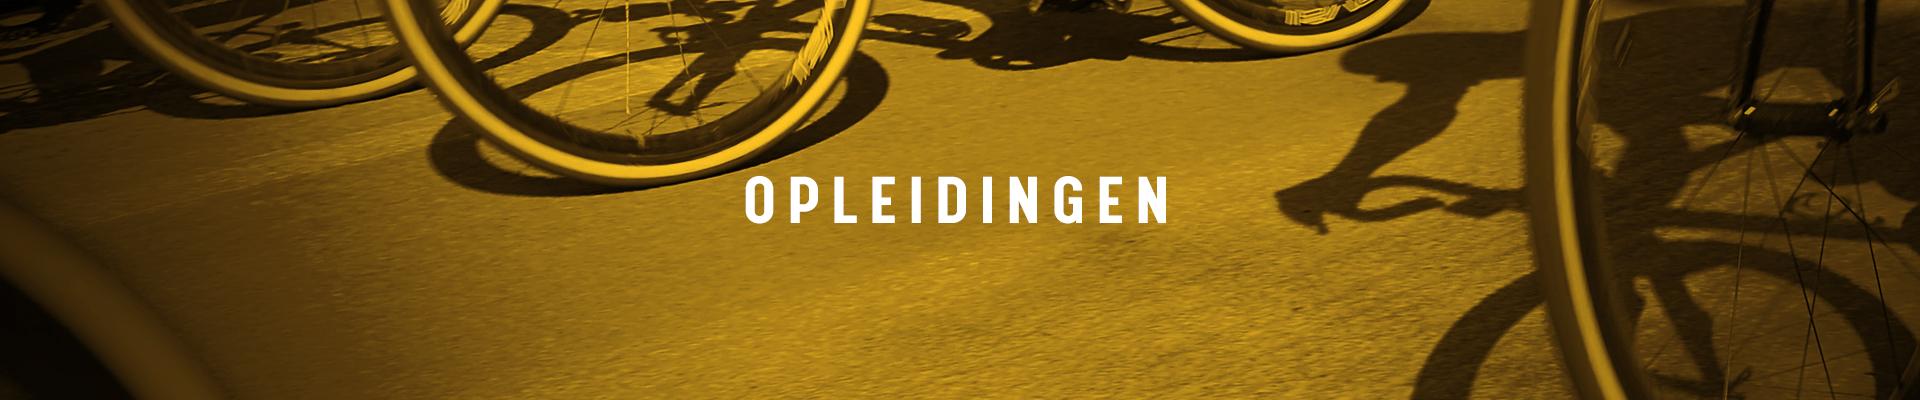 high-level bikefit opleidingen voor professionelen met een medische en niet-medische opleiding